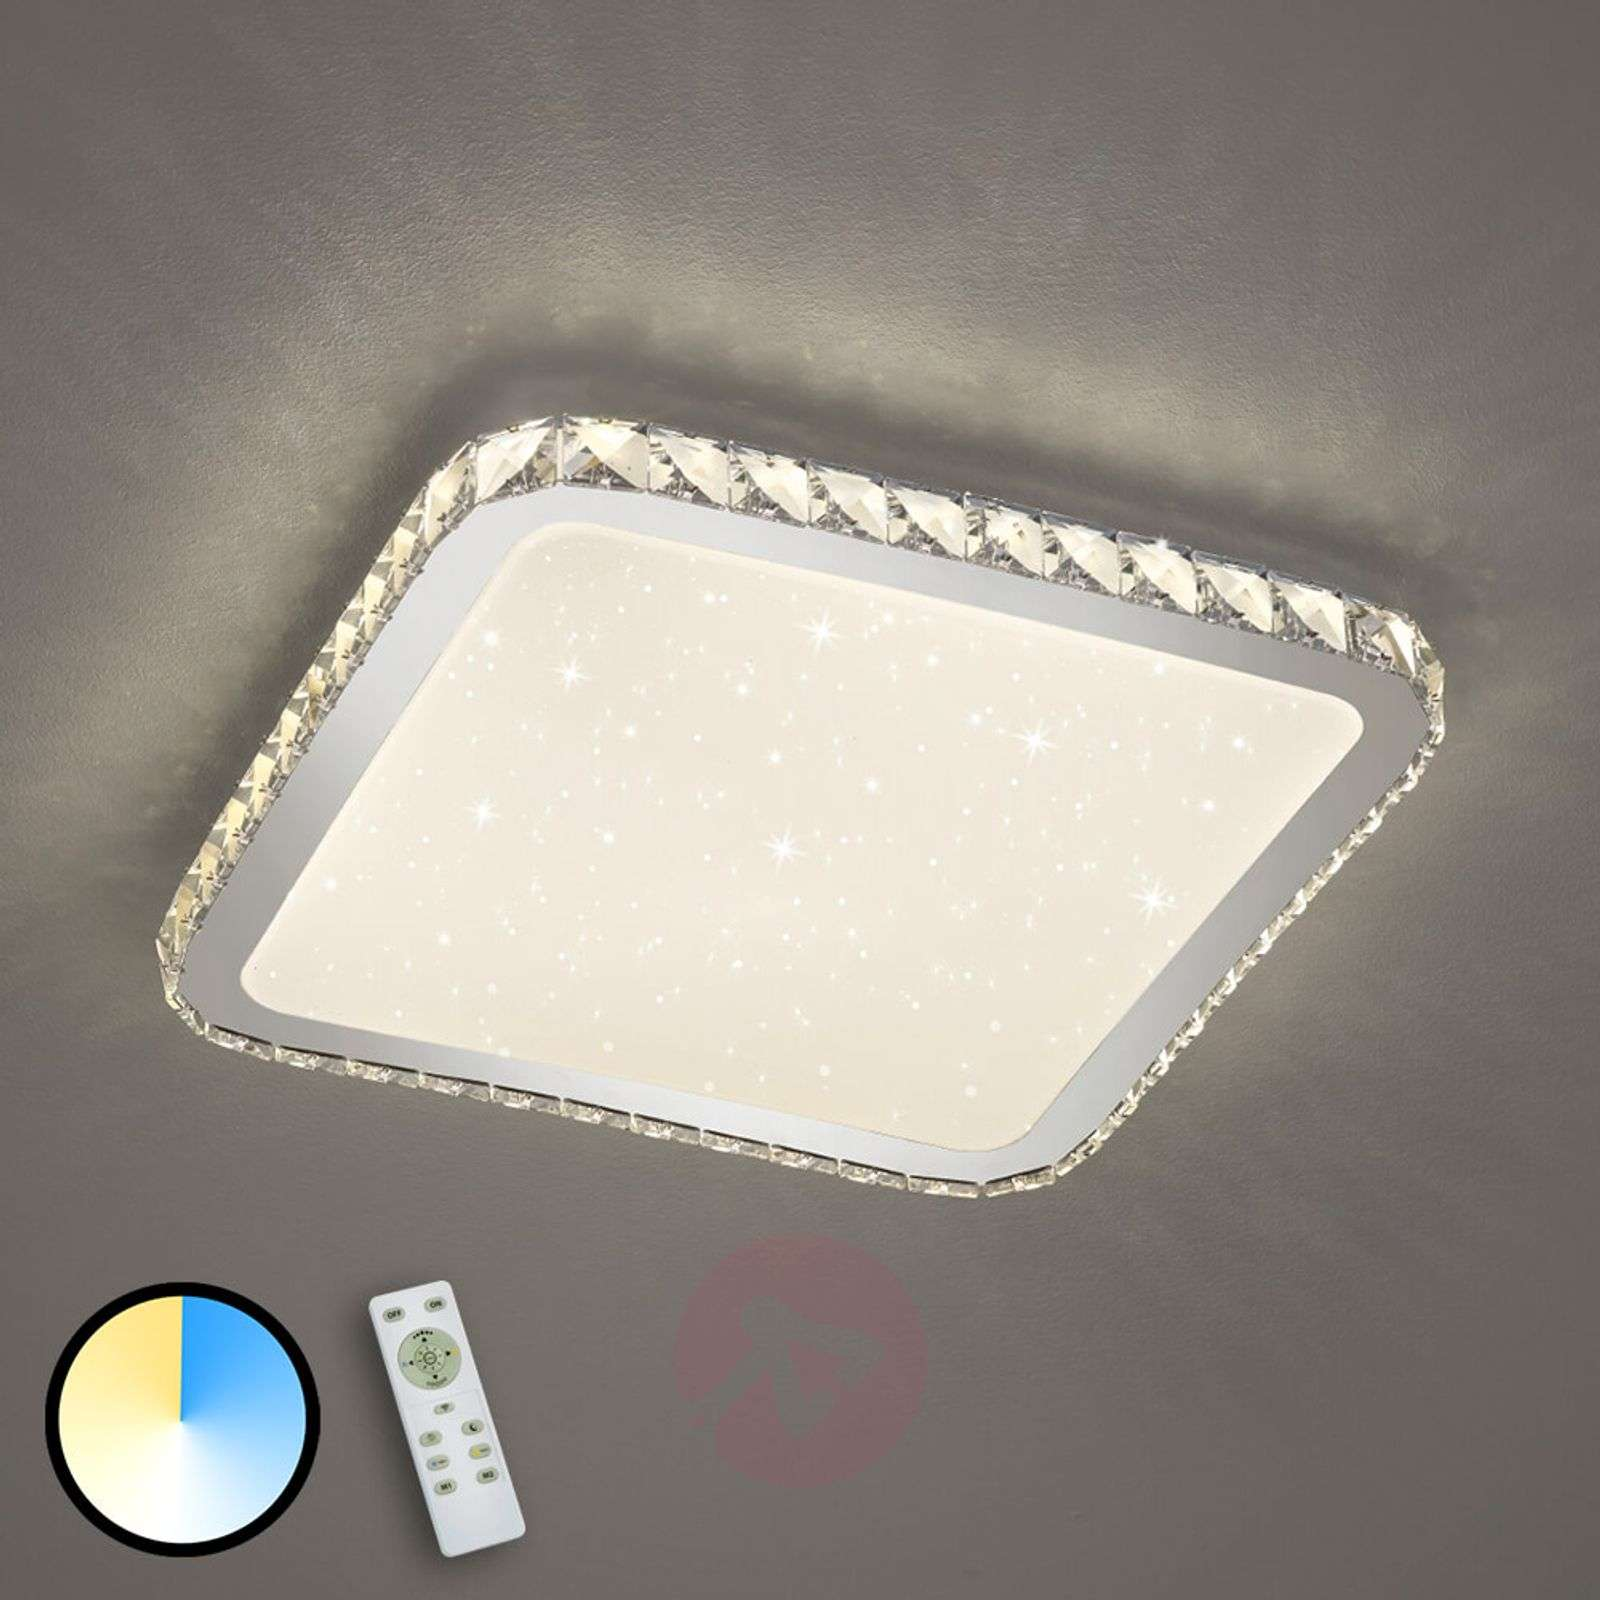 LED-kattolamppu Sapporo jossa tähtikansi